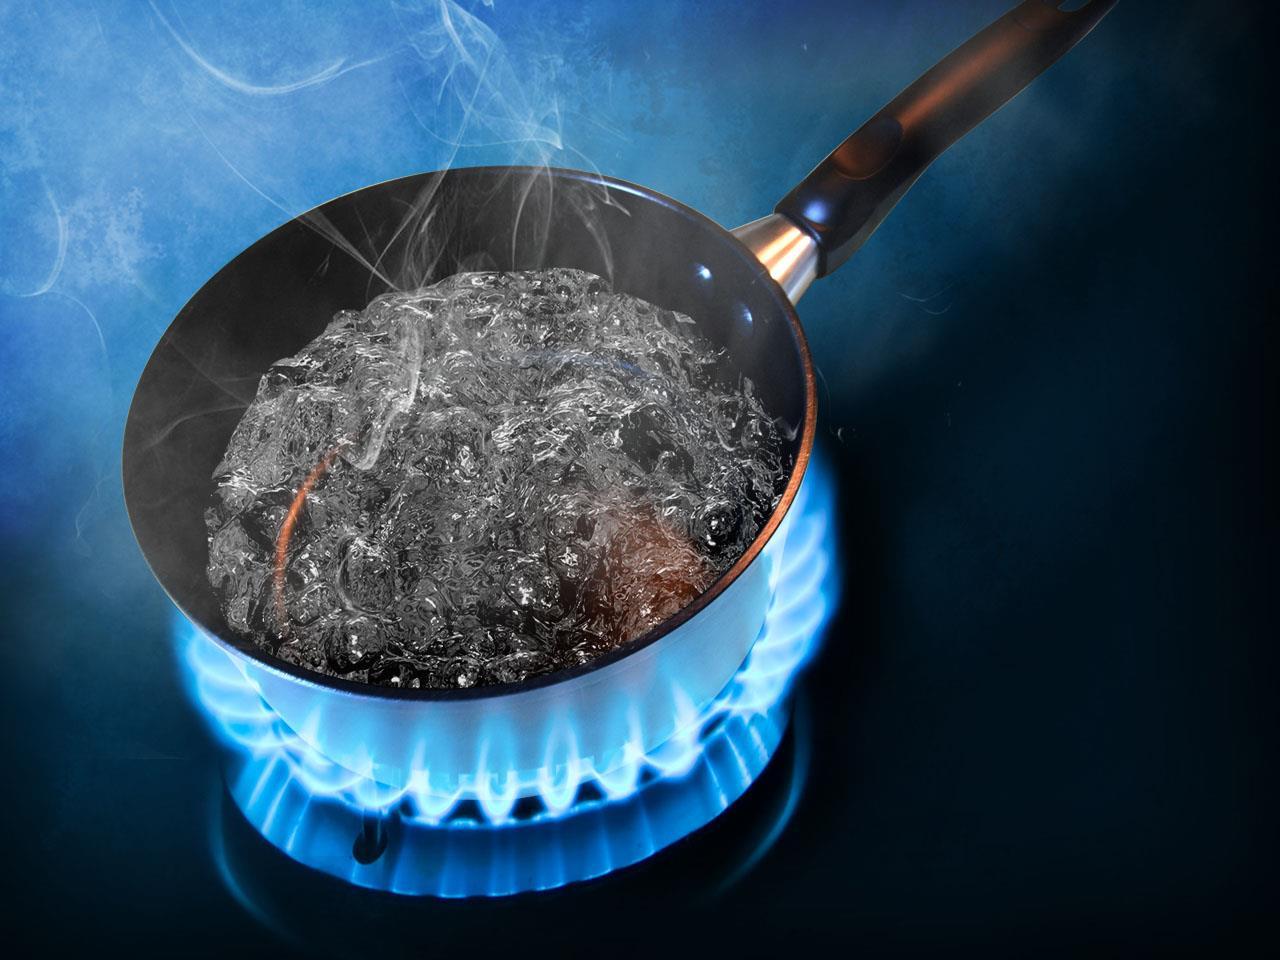 boil water_211564